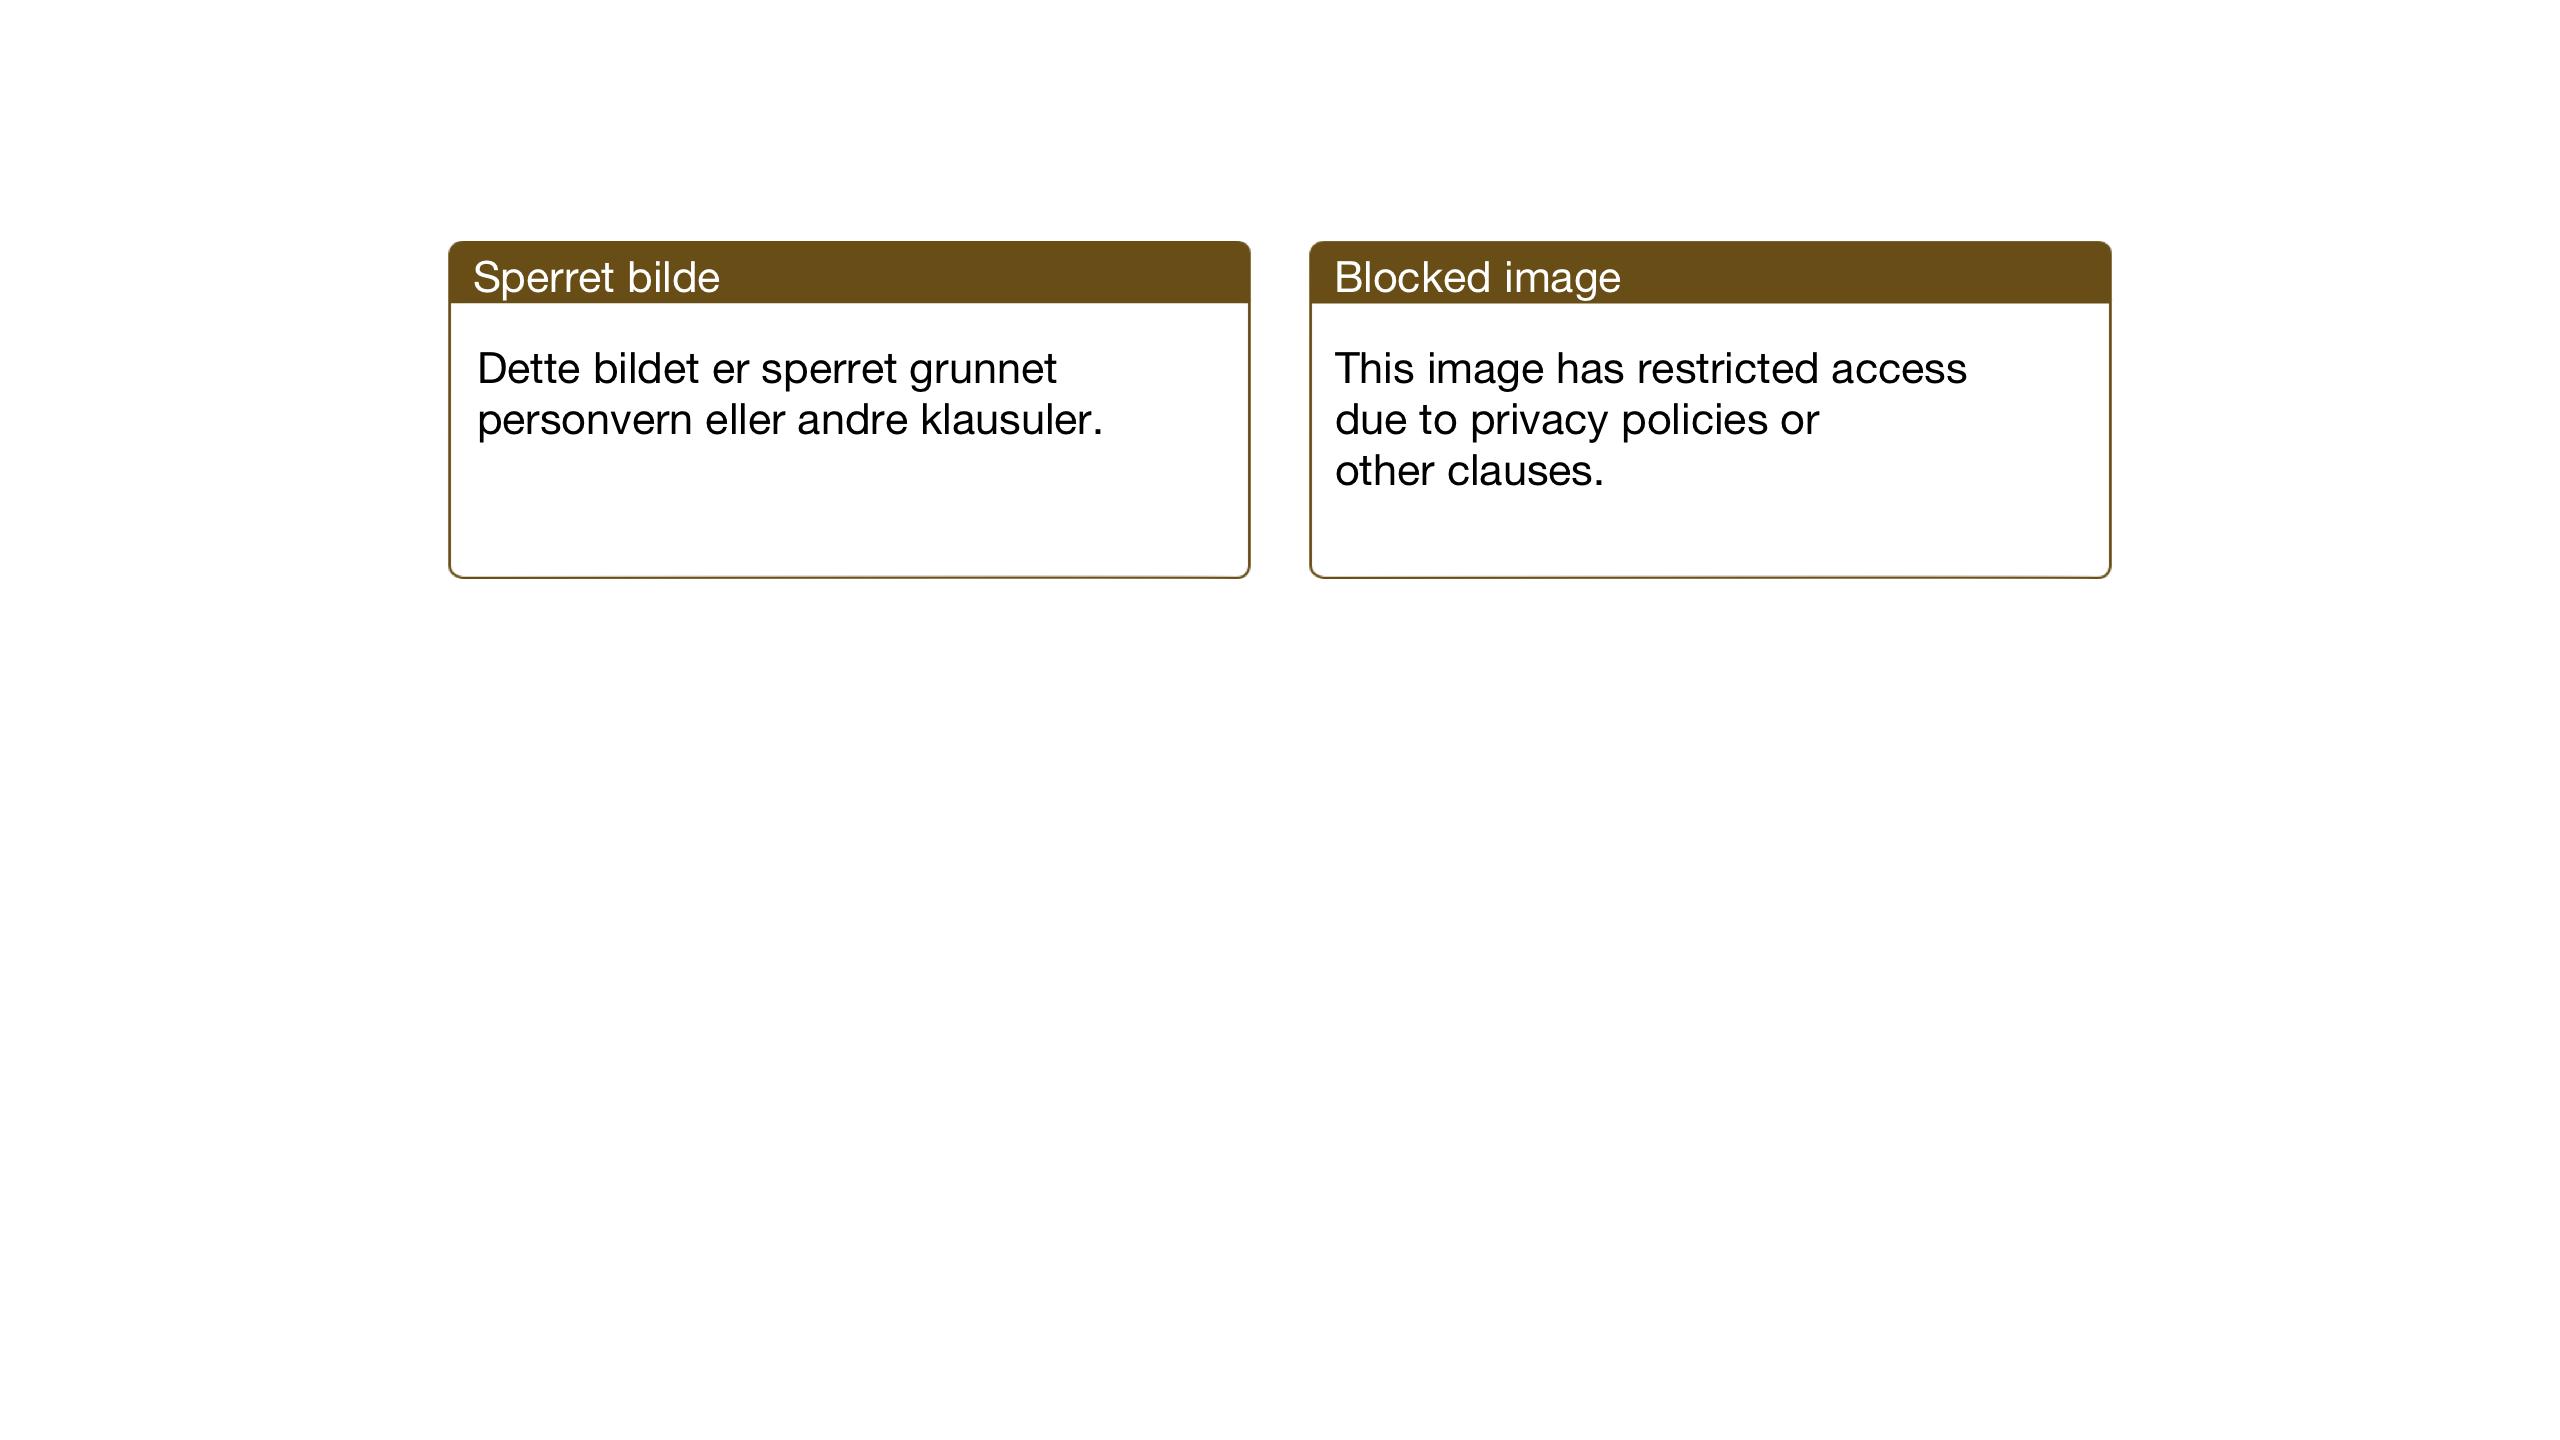 SAT, Ministerialprotokoller, klokkerbøker og fødselsregistre - Sør-Trøndelag, 682/L0947: Klokkerbok nr. 682C01, 1926-1968, s. 39